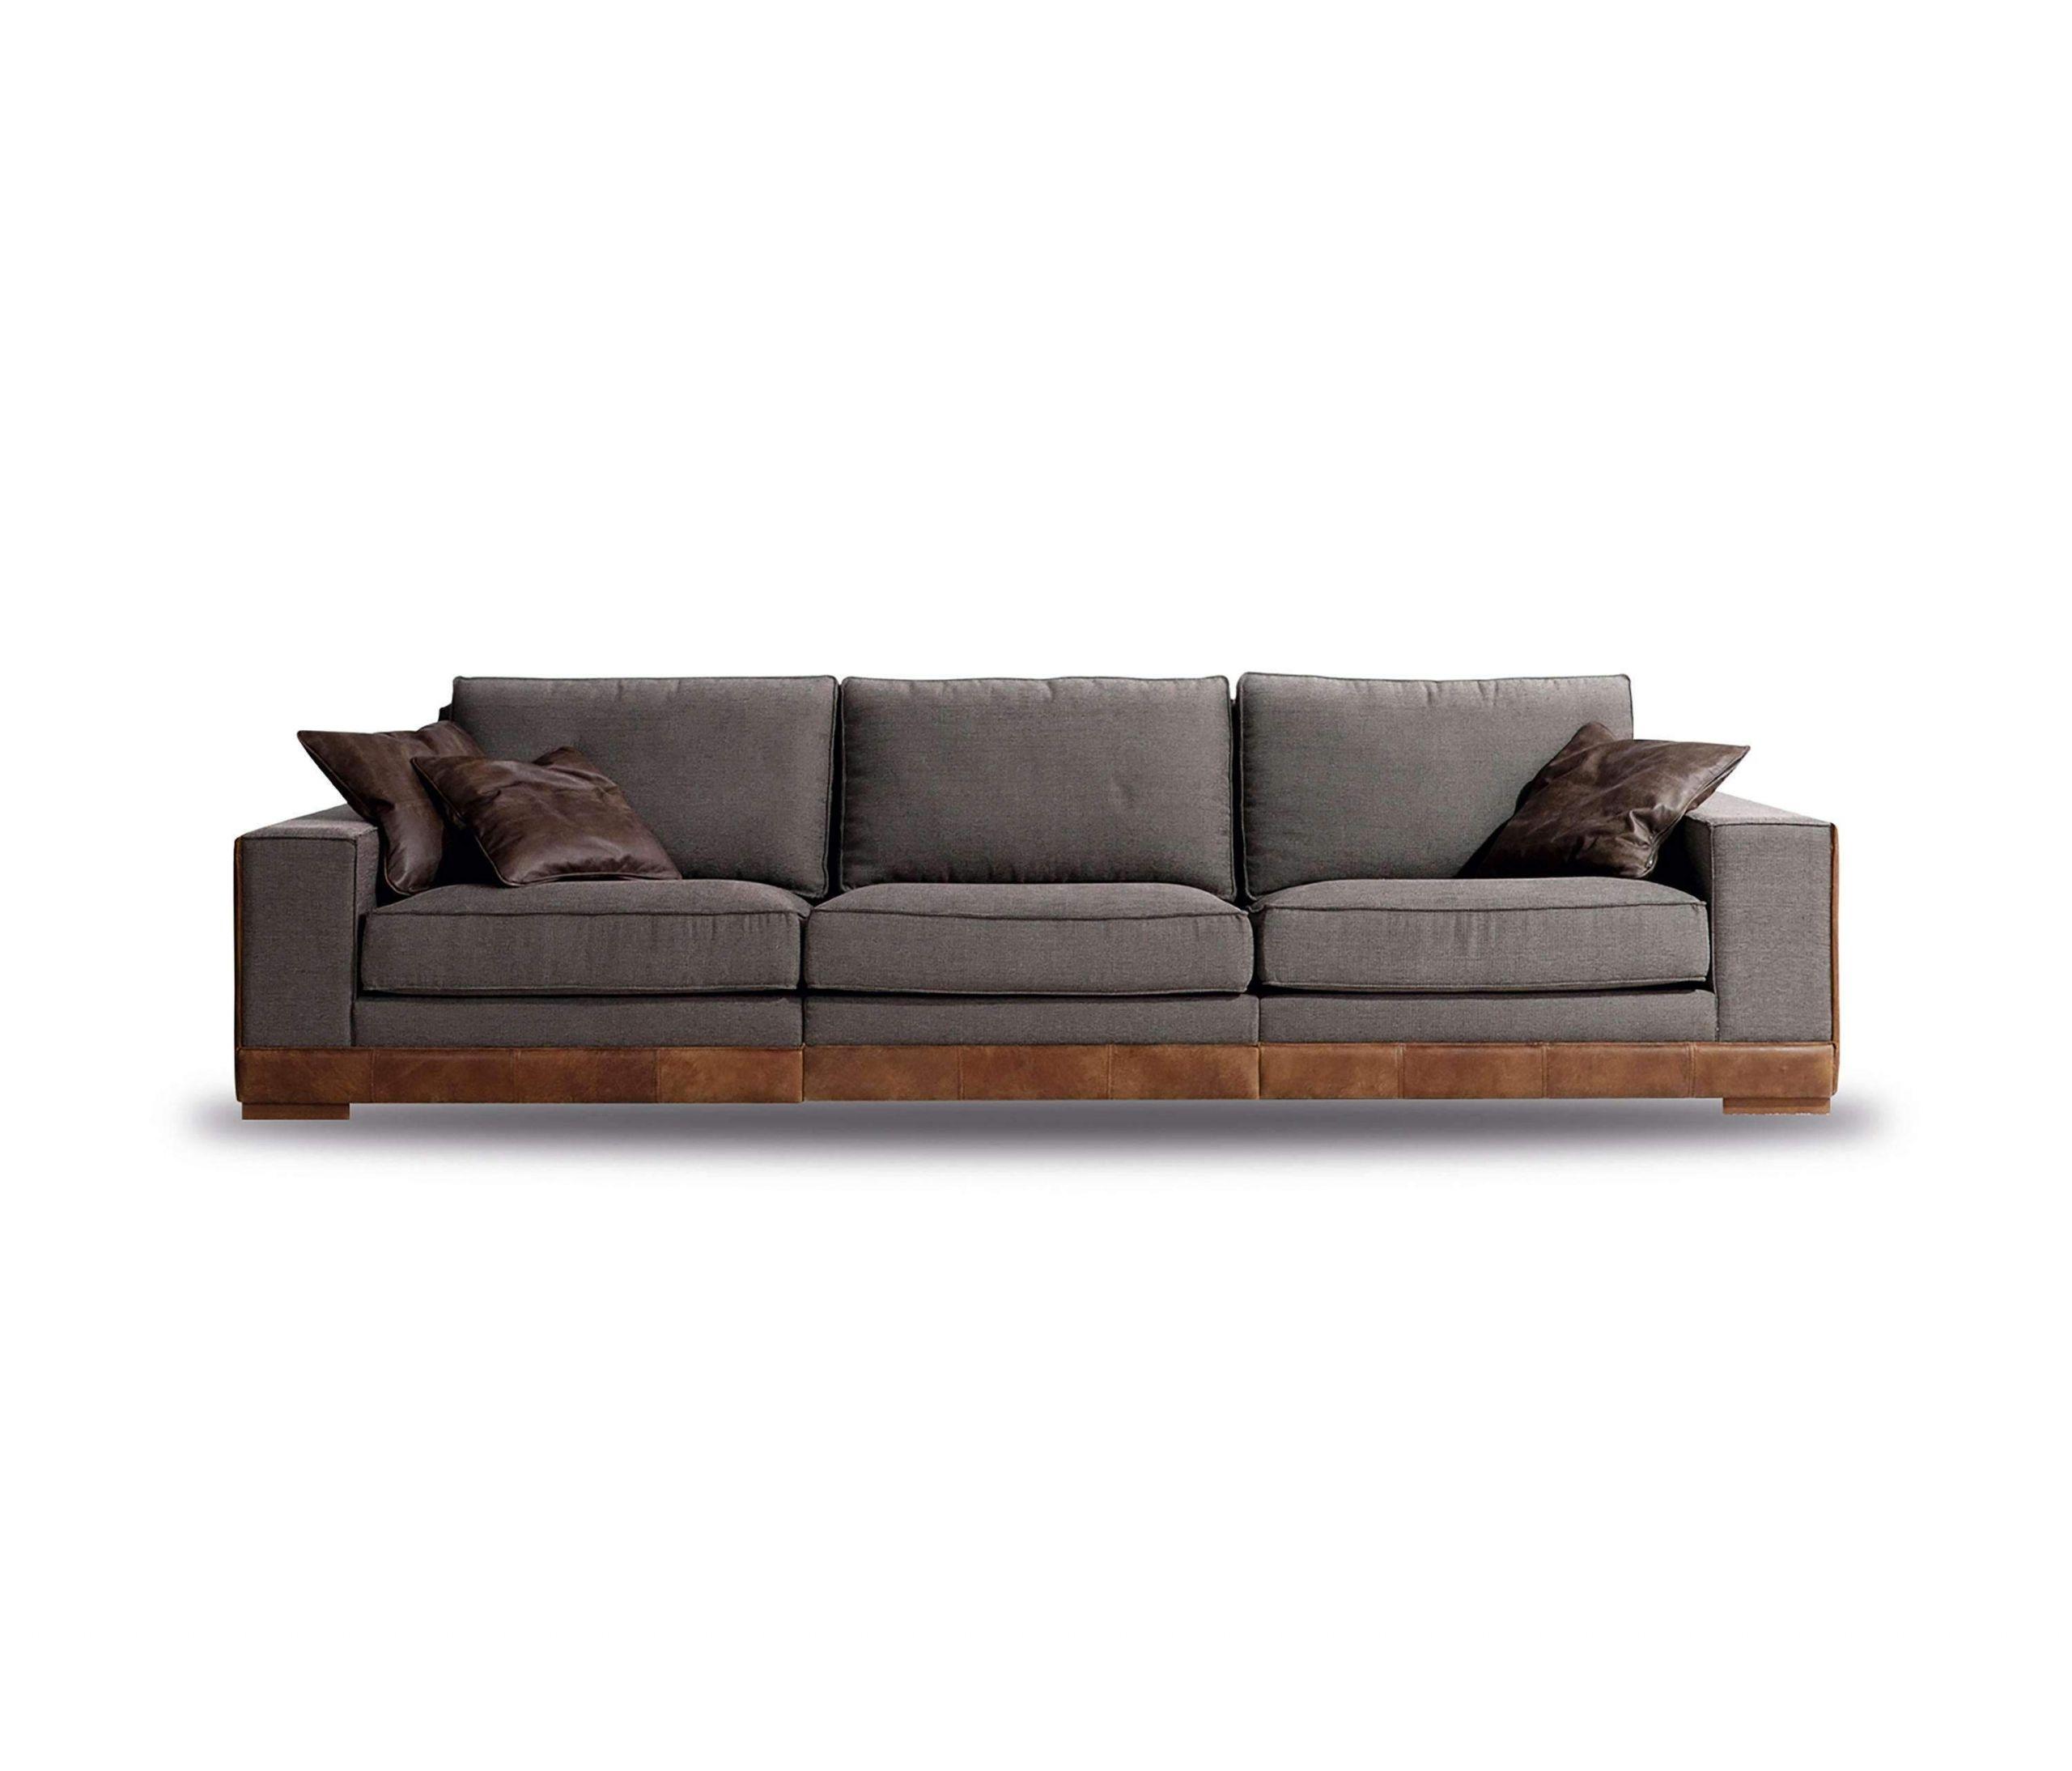 poco wohnzimmer elegant 22 luxury lounge sofa bed everythingalyce of poco wohnzimmer